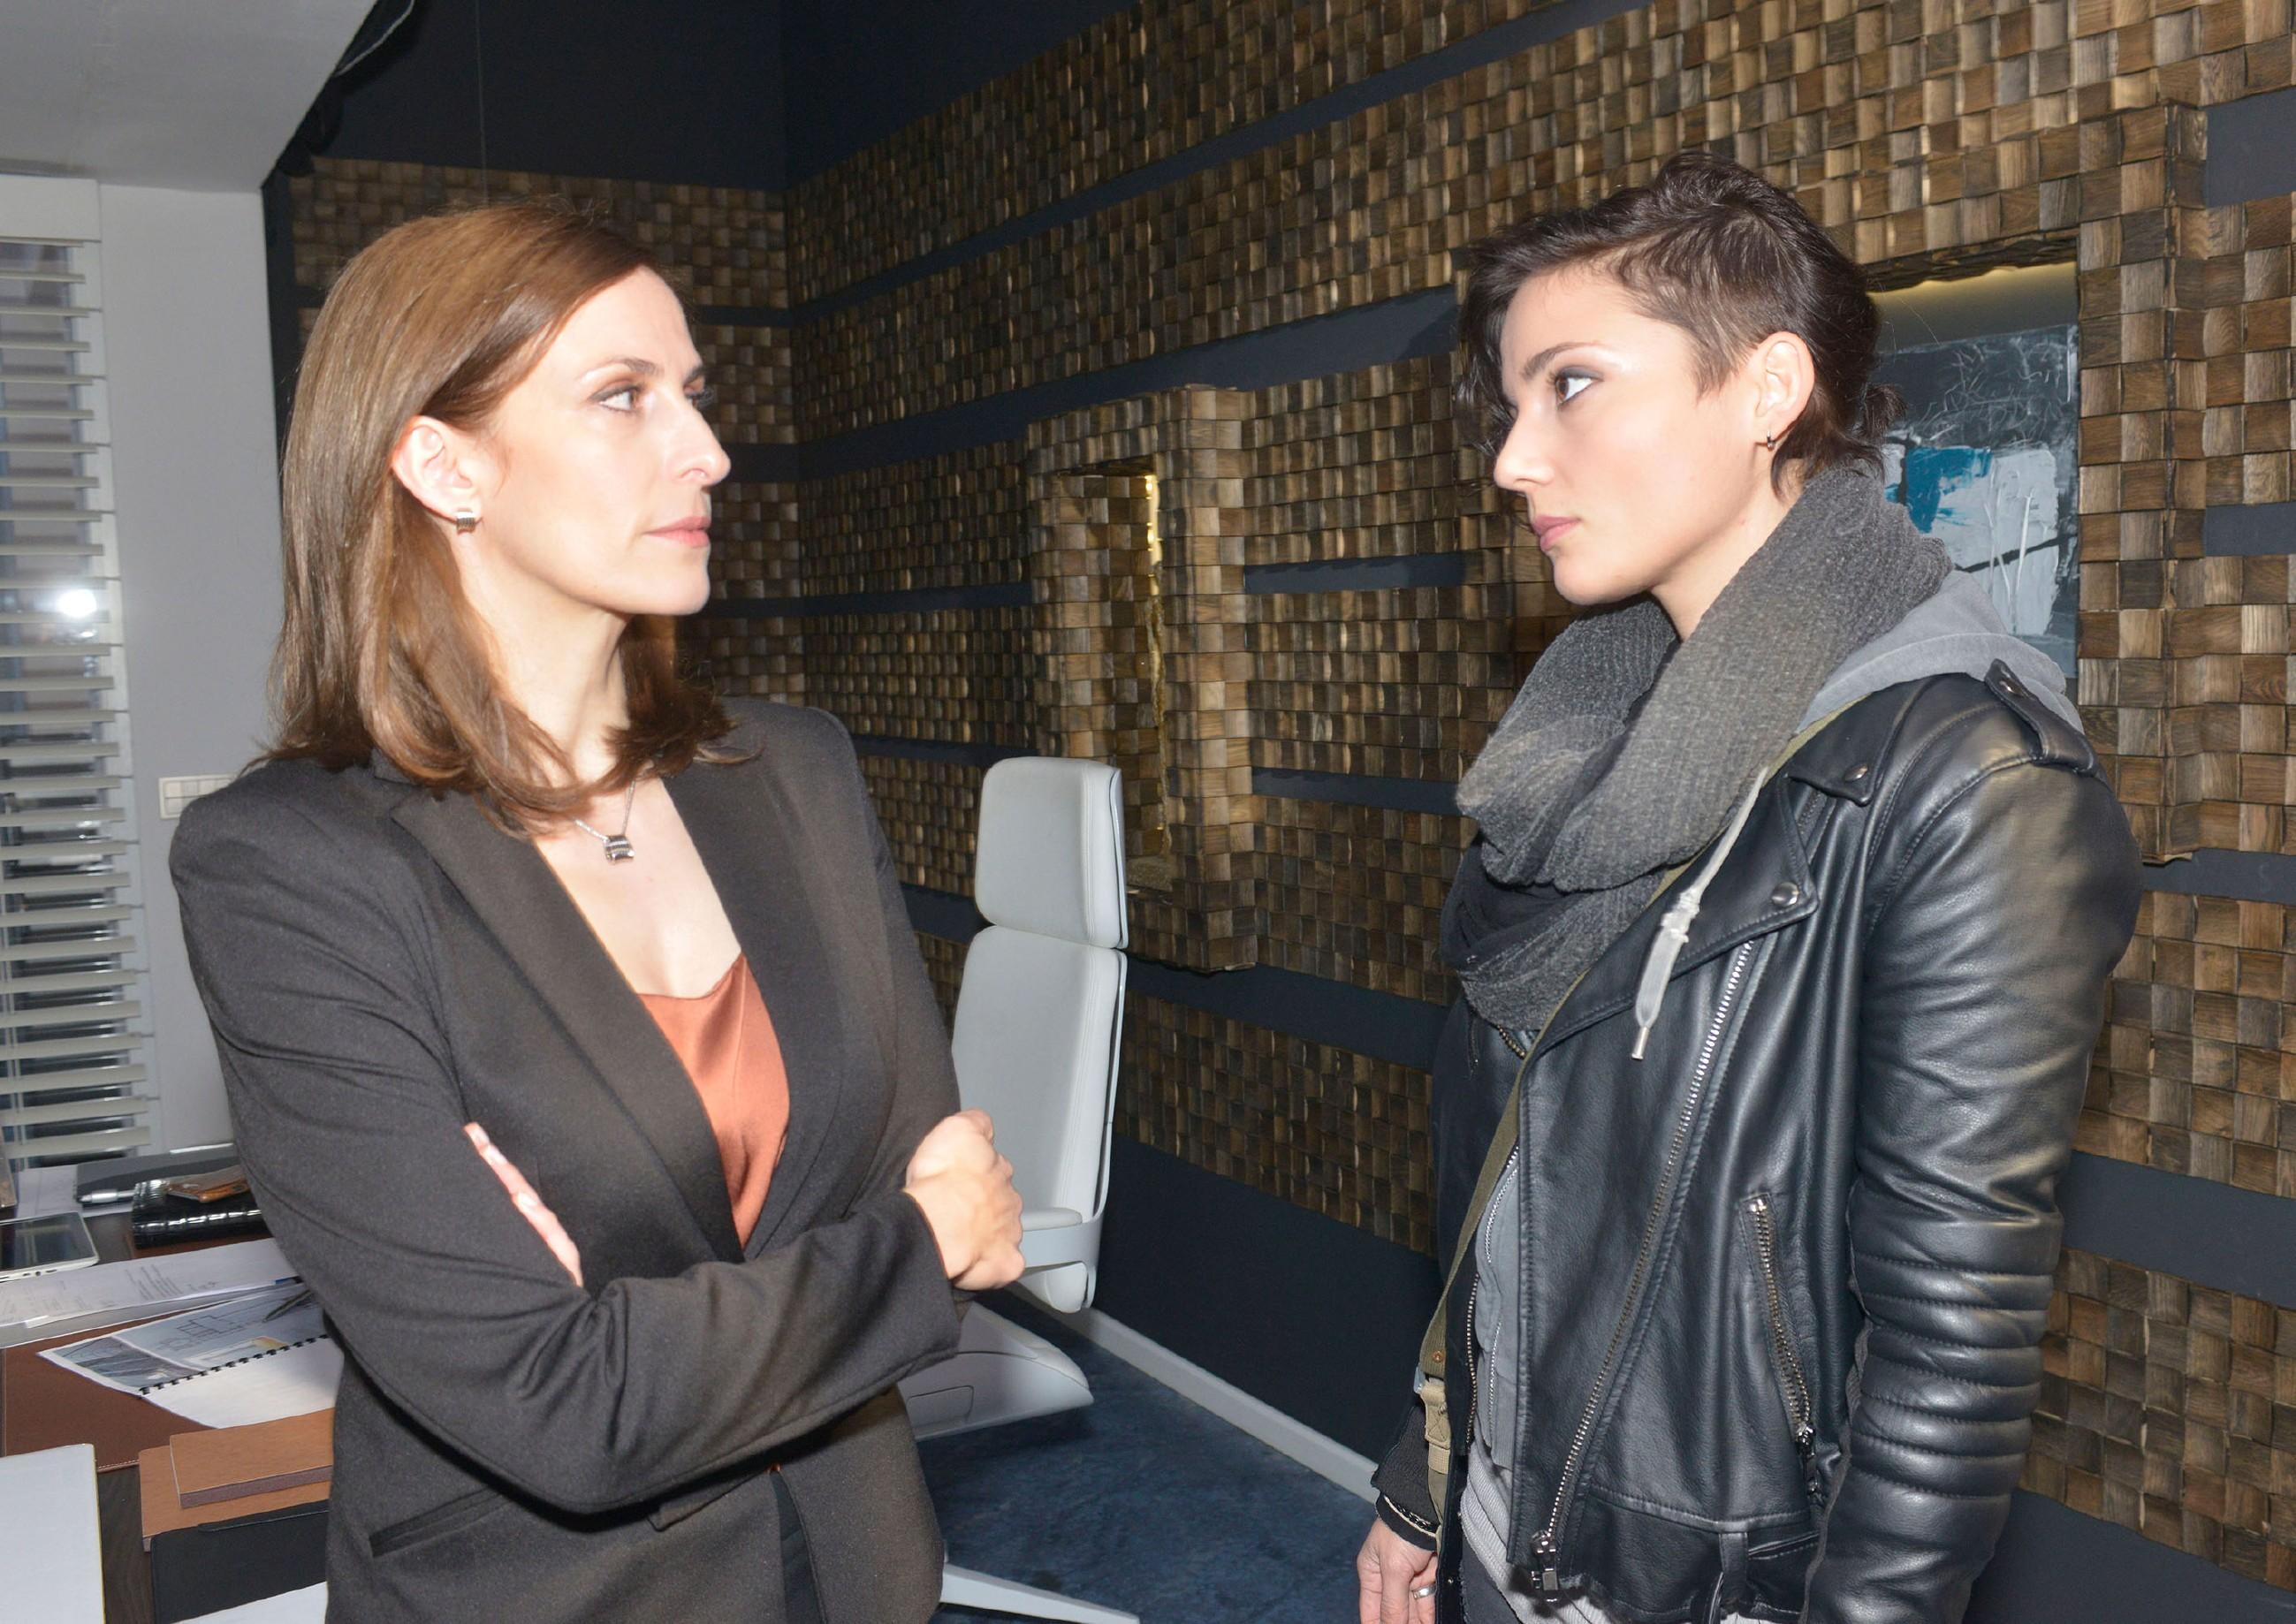 Anni (Linda Marlen Runge, r.) begreift, wie weit Katrin (Ulrike Frank) gegangen ist, um ihre Schuld am Tod von Frederic zu vertuschen und ist geschockt von so viel Skrupellosigkeit... (Quelle: RTL / Rolf Baumgartner)